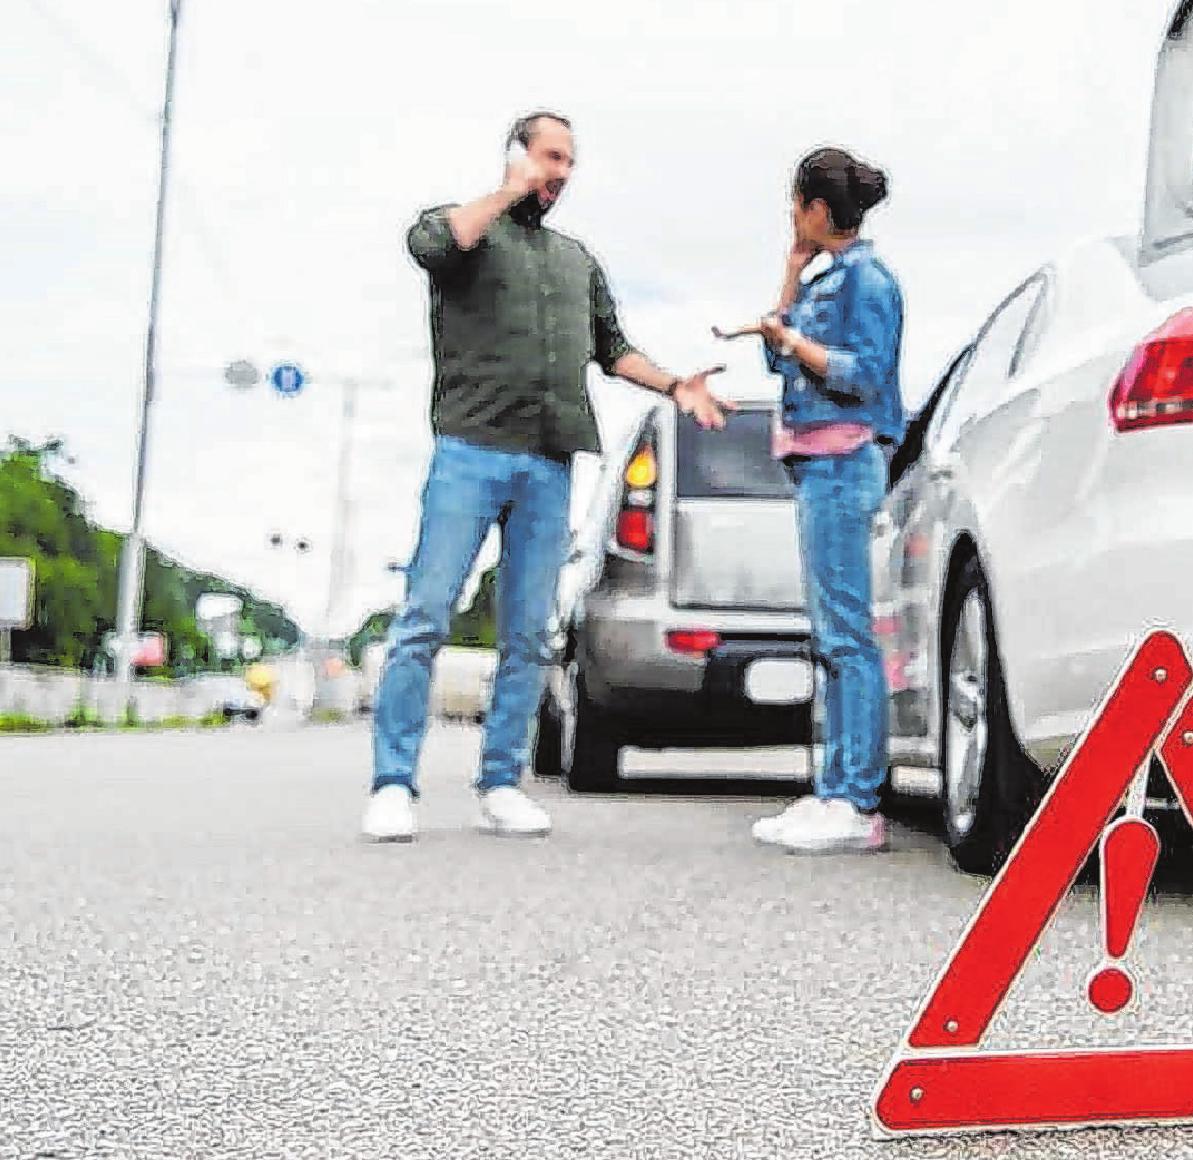 Wer auffährt, ist nicht immer grundsätzlich schuld am Unfall – den Vorausfahrenden kann unter Umständen ebenso eine Mitschuld treffen. Foto: djd/Auto1 GROUP/PantherMedia/VitalikRa